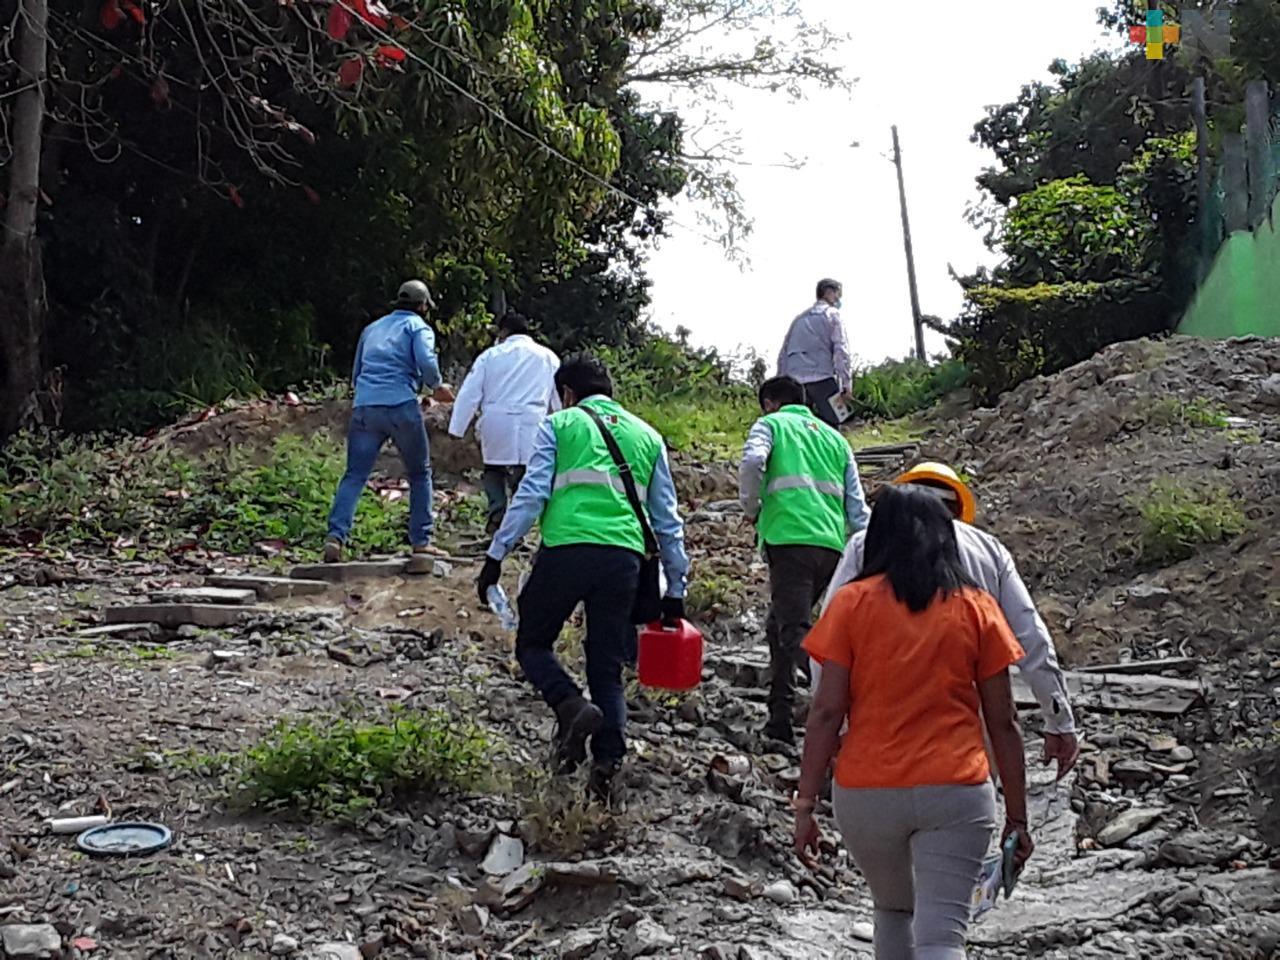 En Poza Rica, elimina Salud 10 toneladas de cacharros para evitar proliferación del dengue